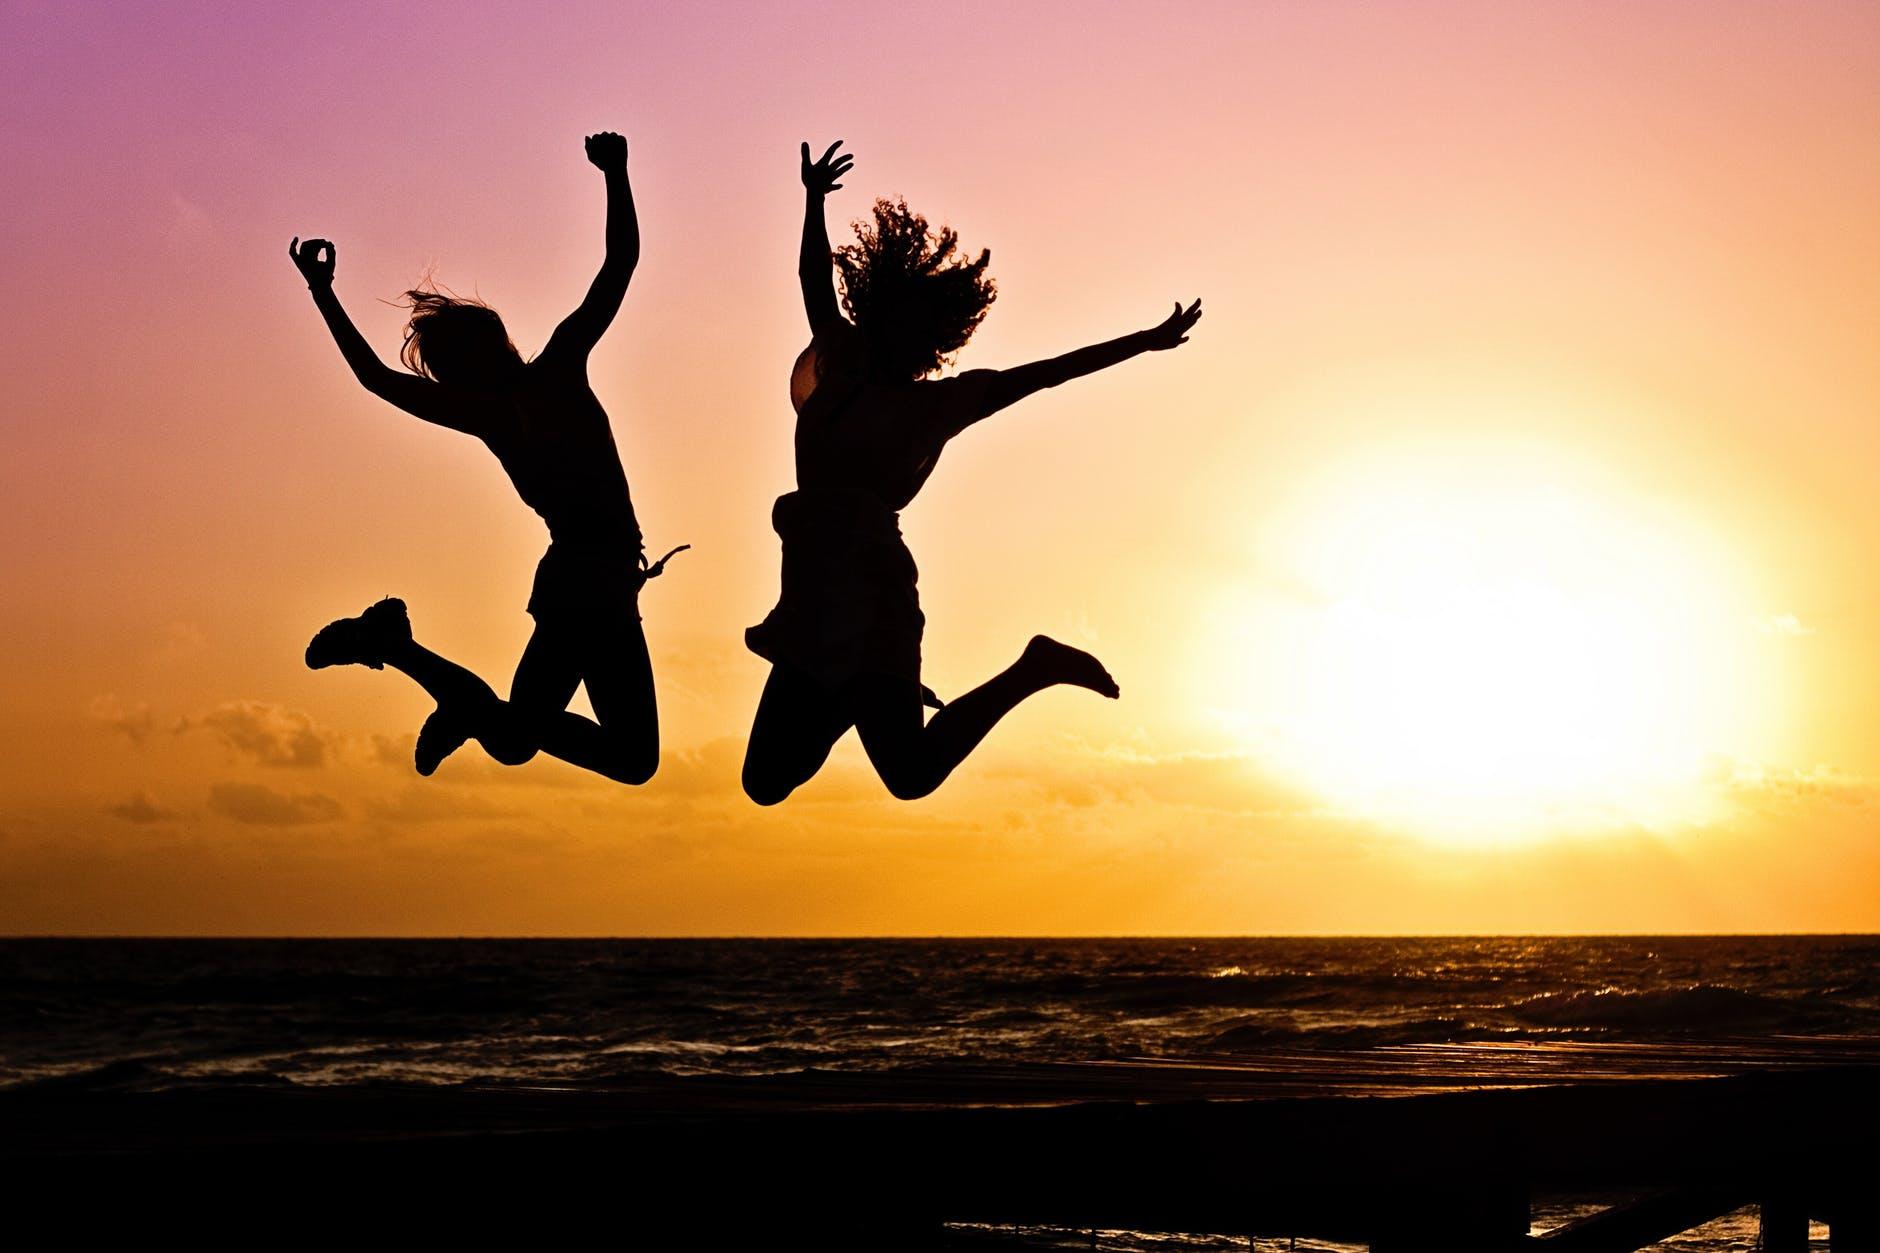 -foxy-marketing-youth-active-jump-happy